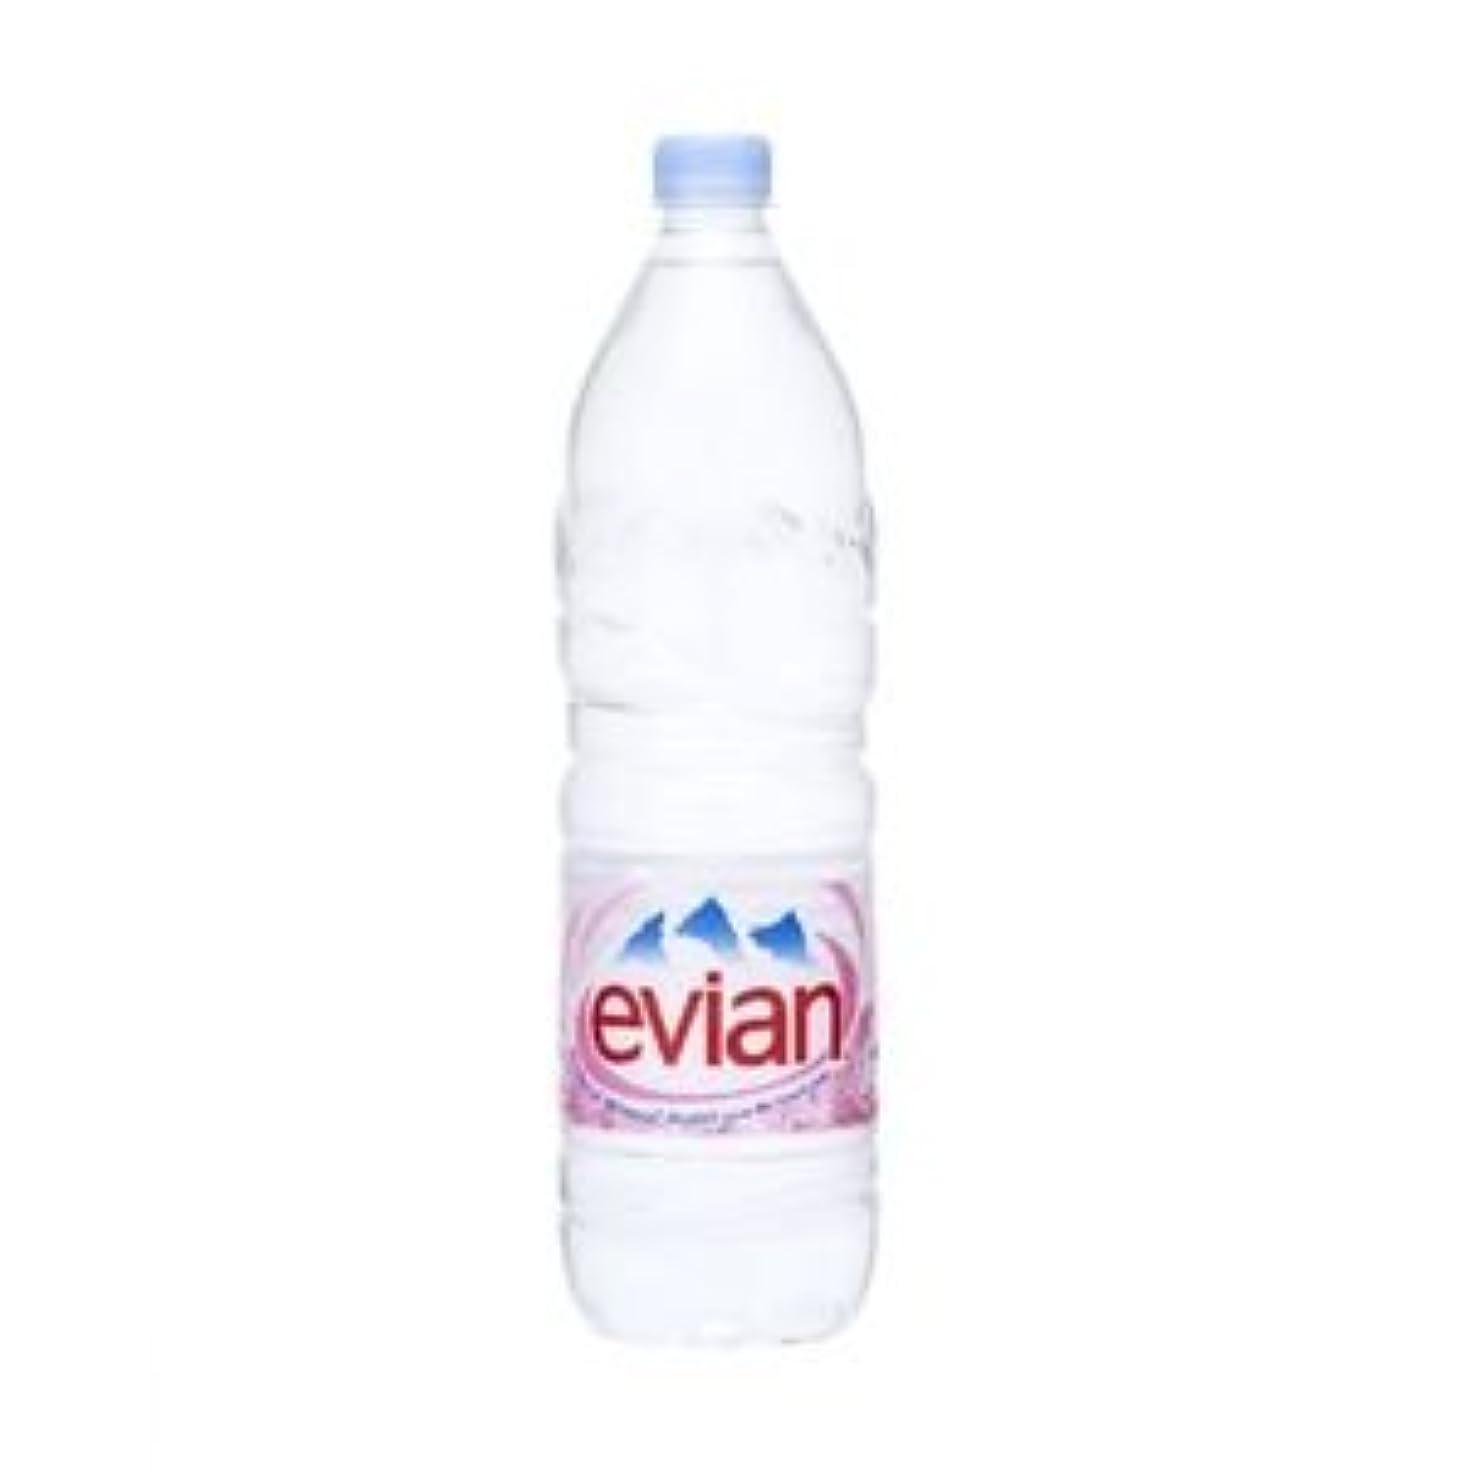 クラス息苦しいにはまって【ケース販売】ミネラルウォーター エビアン(evian)ペットボトル1.5L×24本セット まとめ買い dS-168767